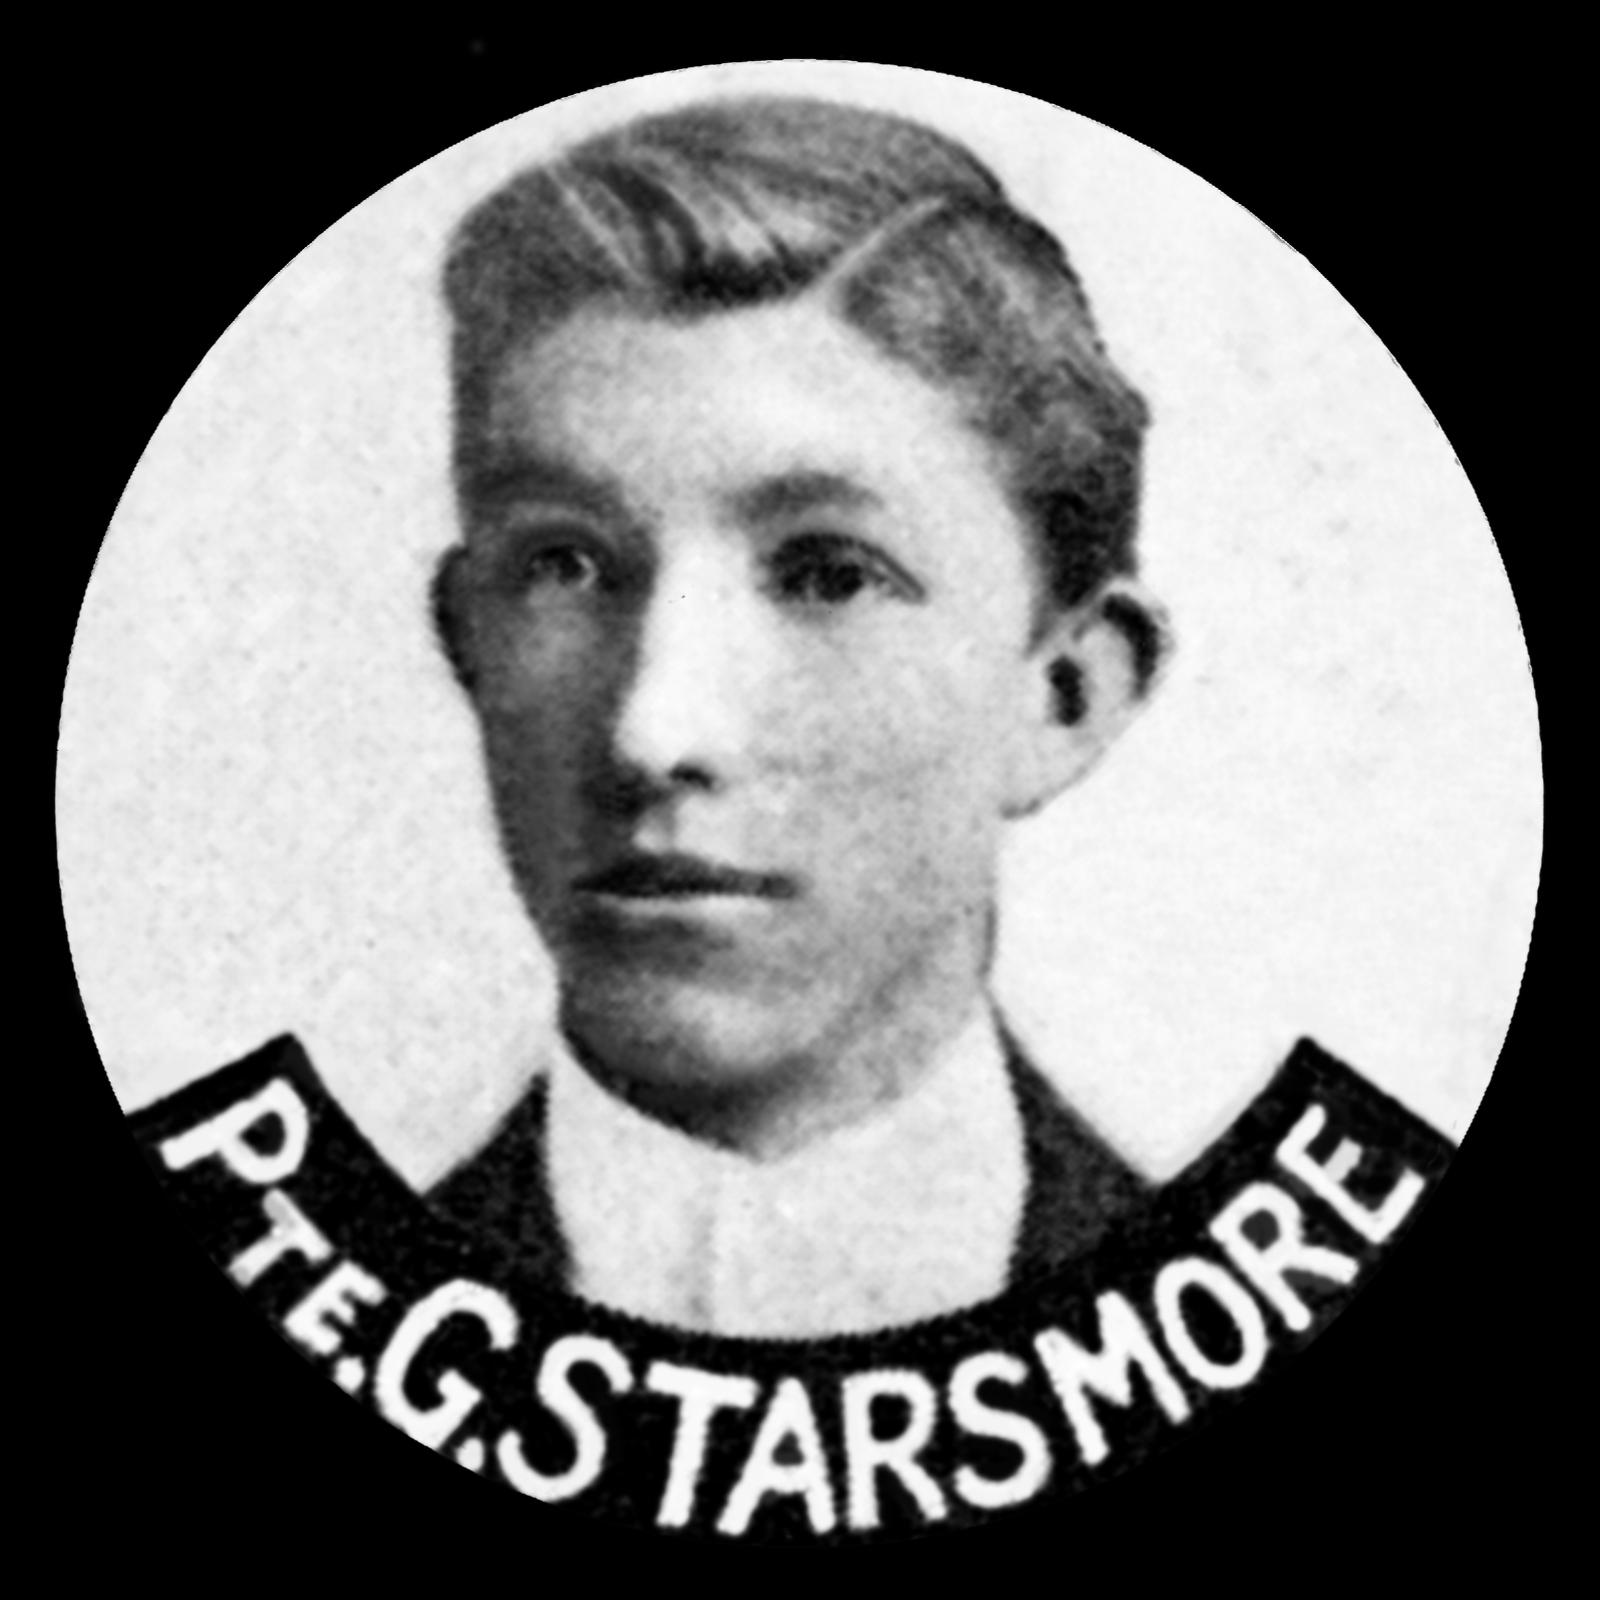 STARSMORE George